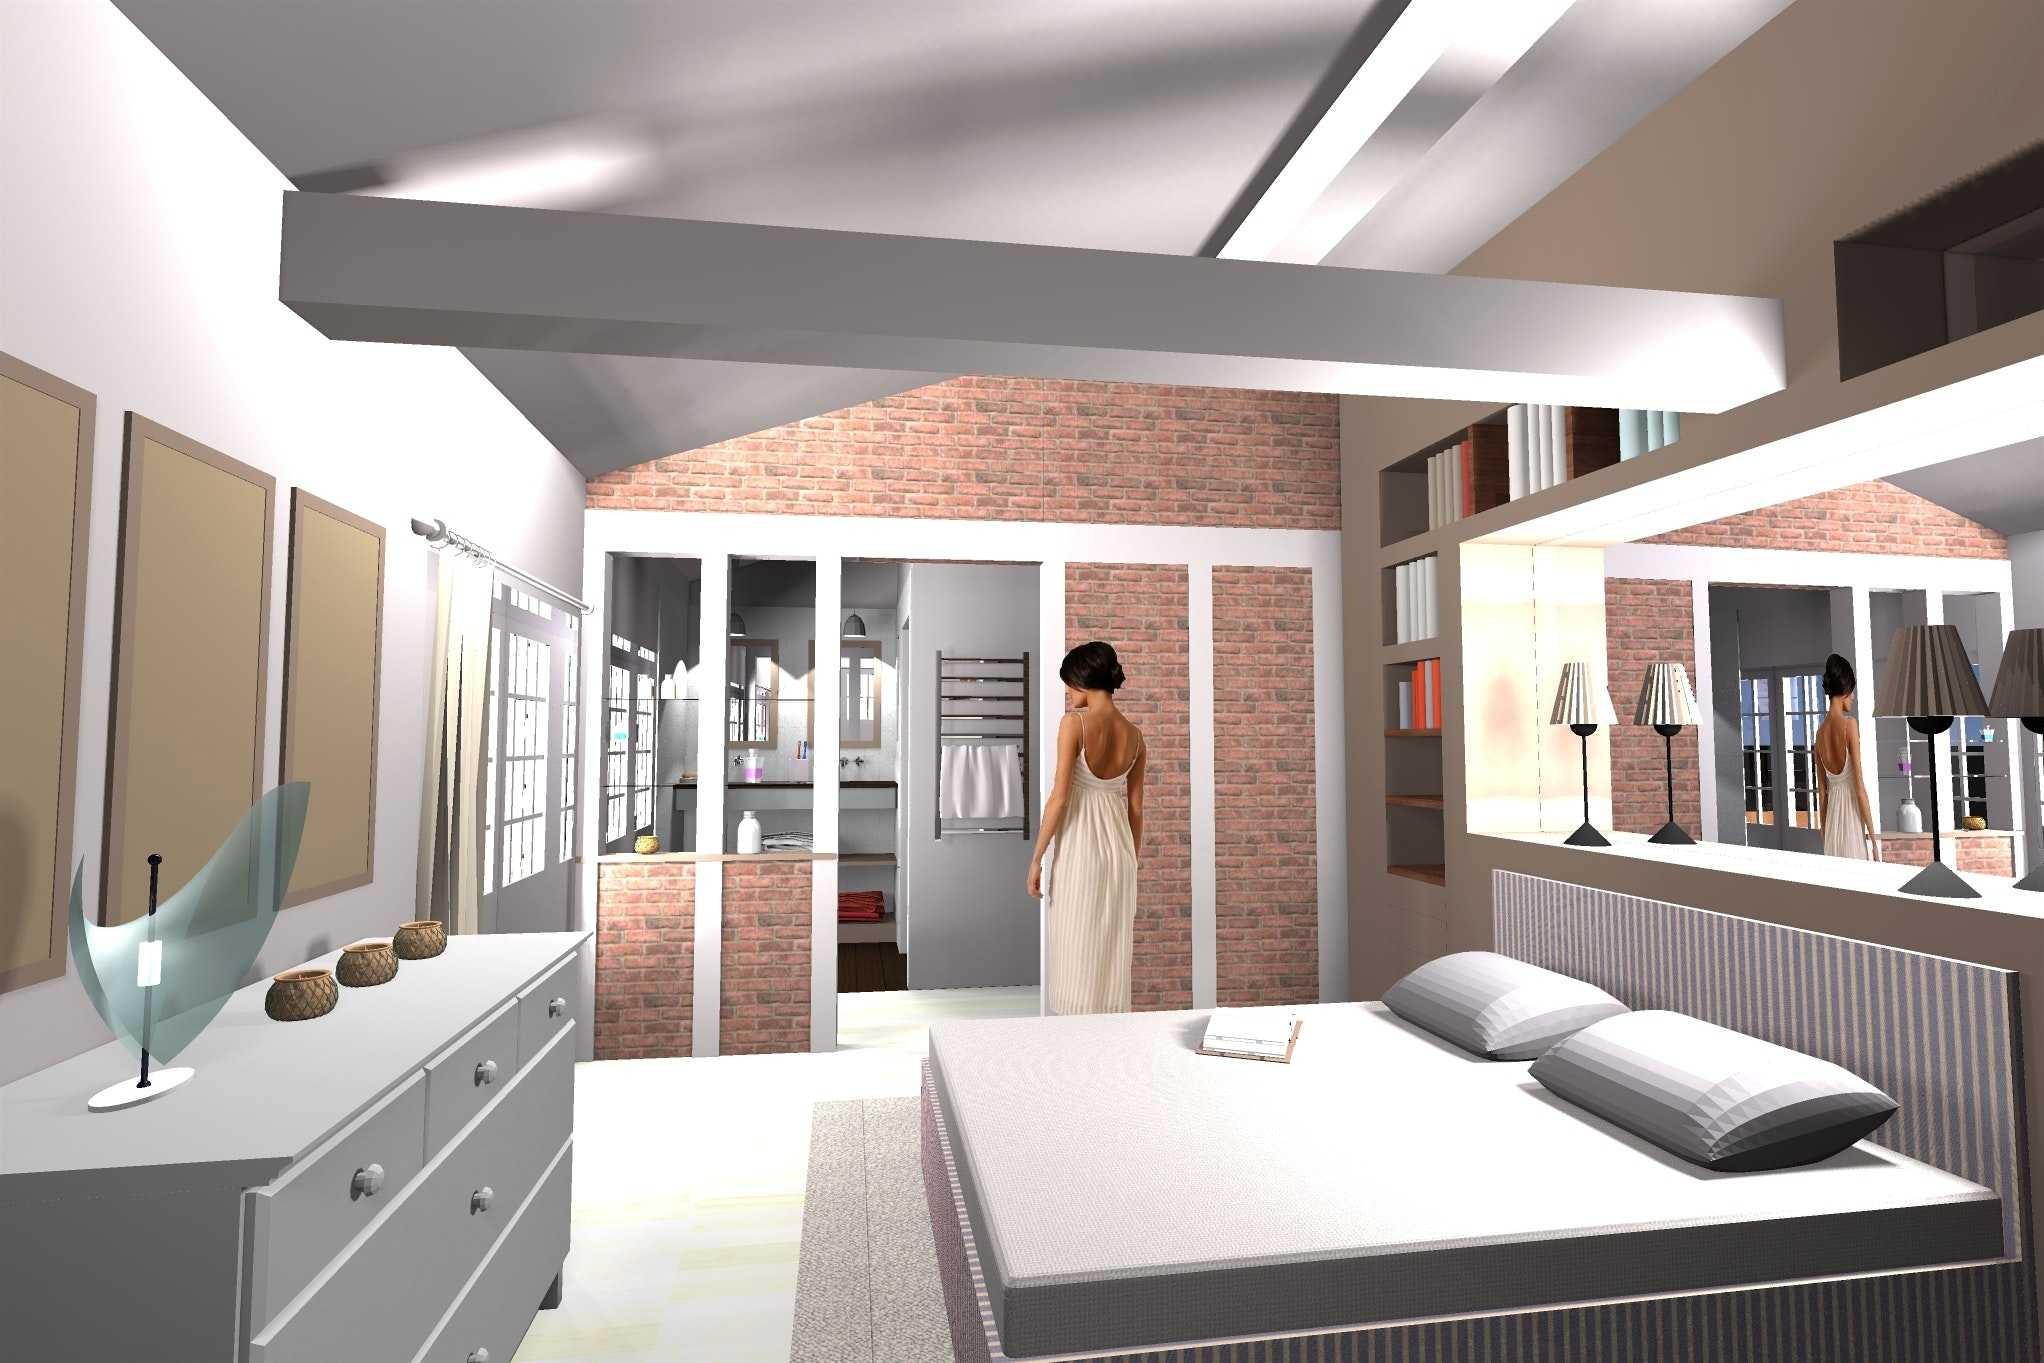 Suite Parentale Avec Salle De Bain Et Dressing Plan Nouveau Images Amenagement Chambre Parentale Avec Salle Bain Dressing Suite